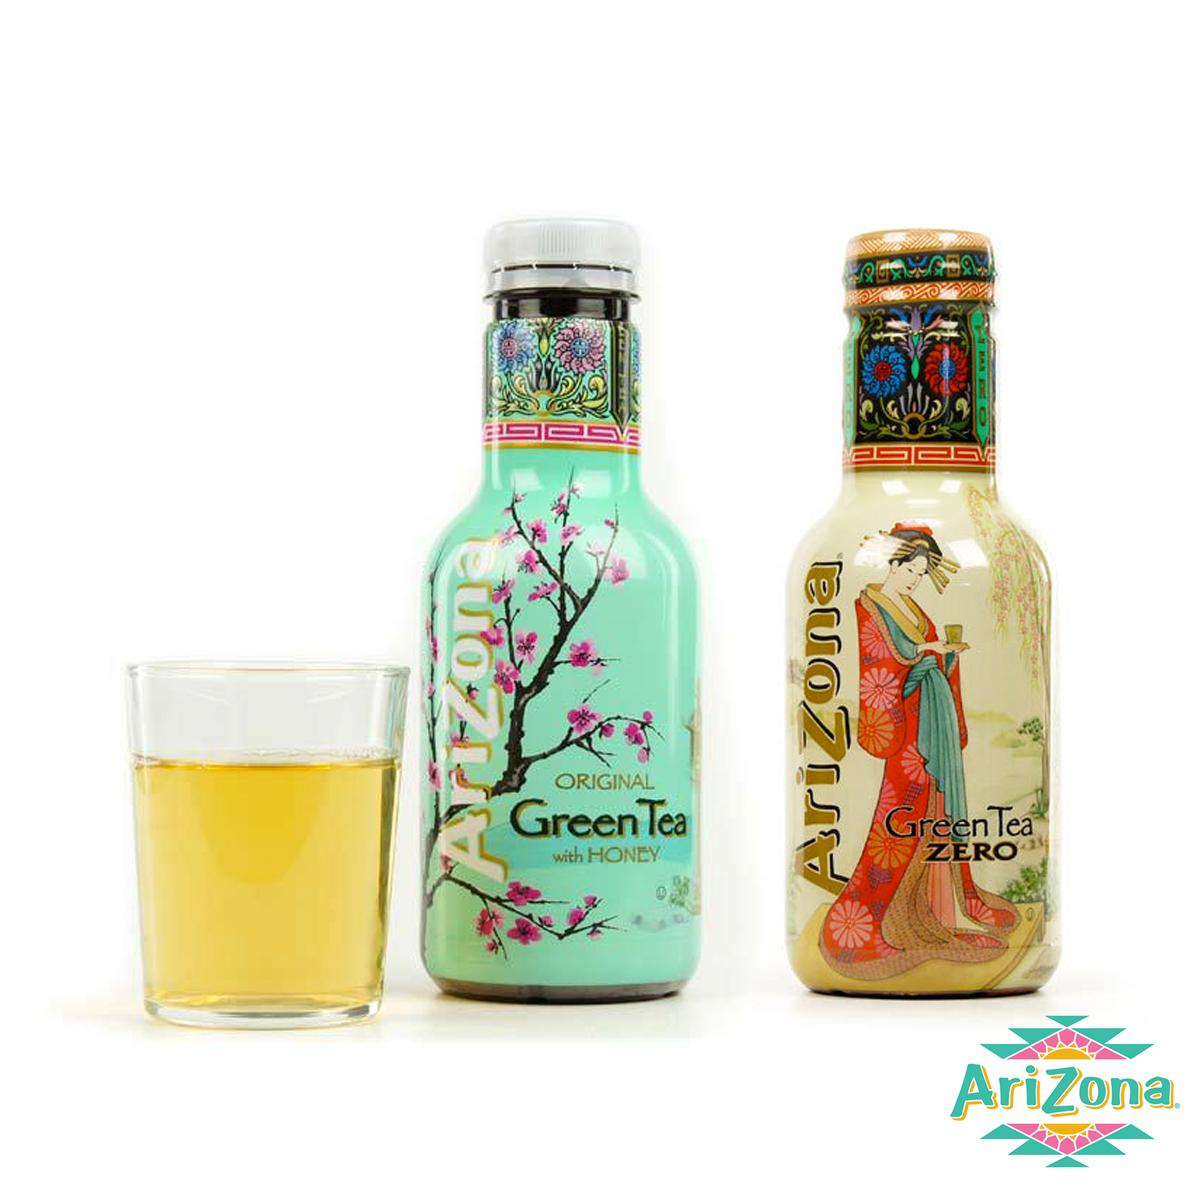 The-arizona